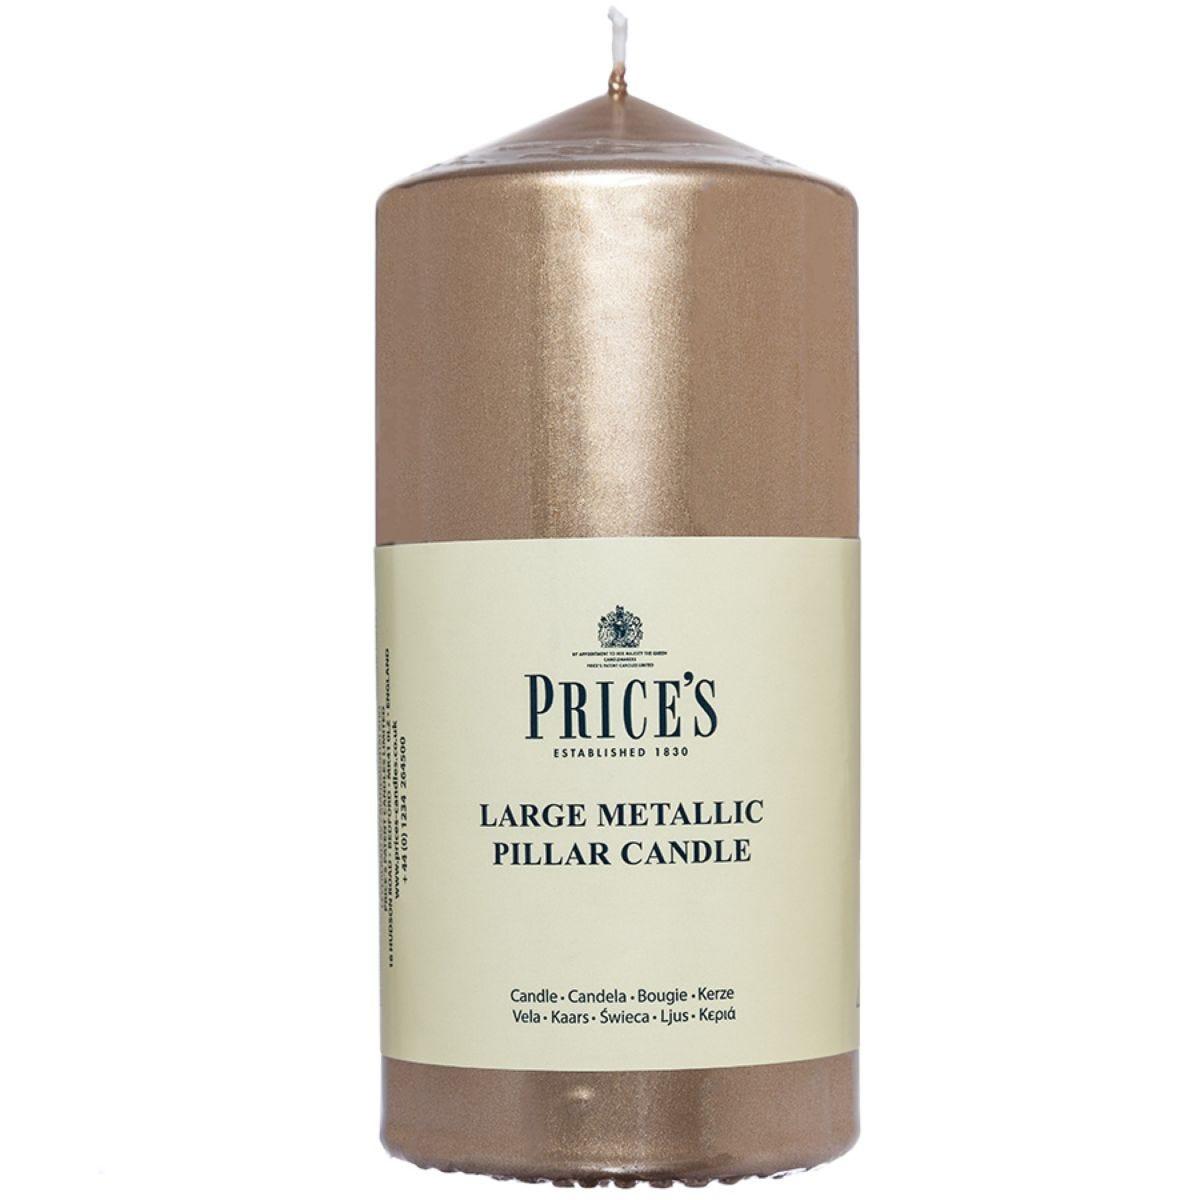 Price's Large Metallic Pillar Candle - Gold